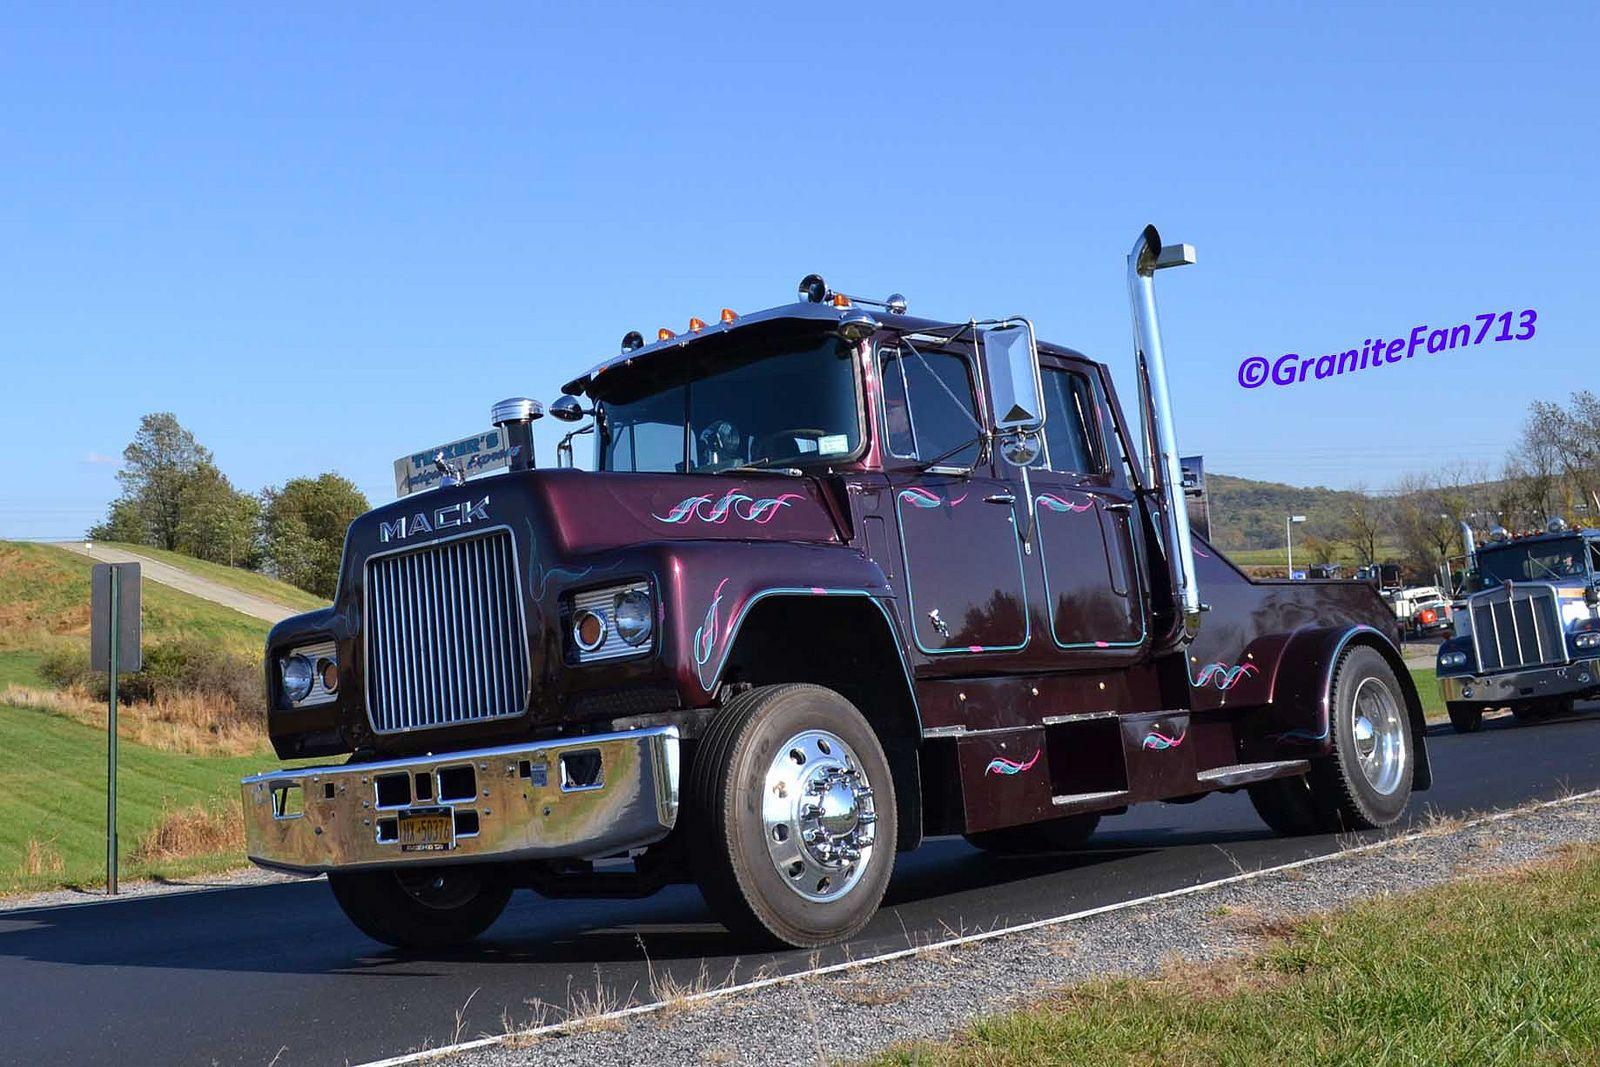 Mack r series crew cab hauler